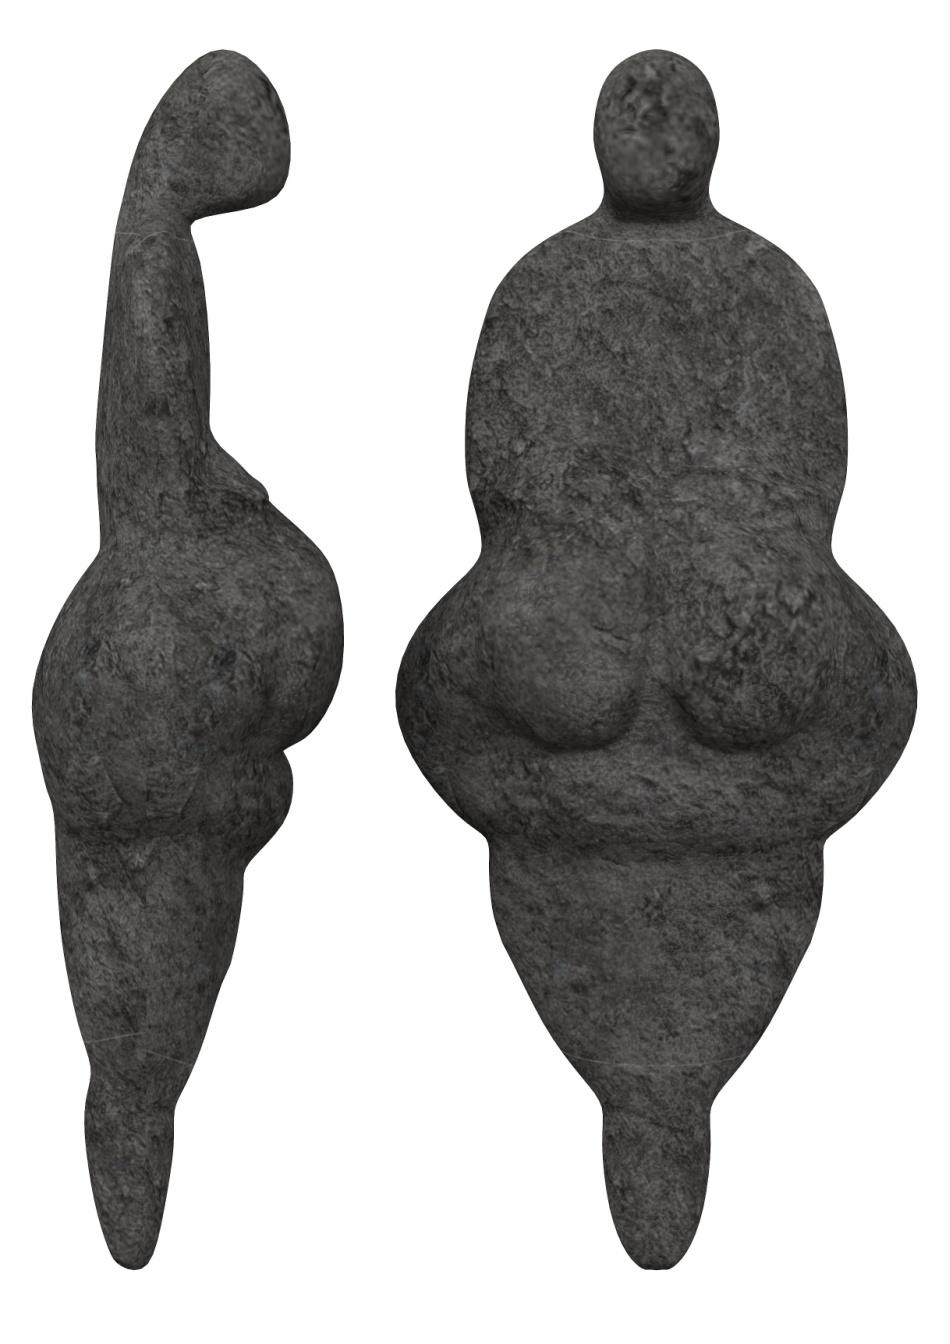 Replică a figurinei cunoscute sub numele de Venus din Lespugue, o mică statuetă din fildeş, descoperită în Franţa, având vârsta de 24.000 - 26.000 de ani.